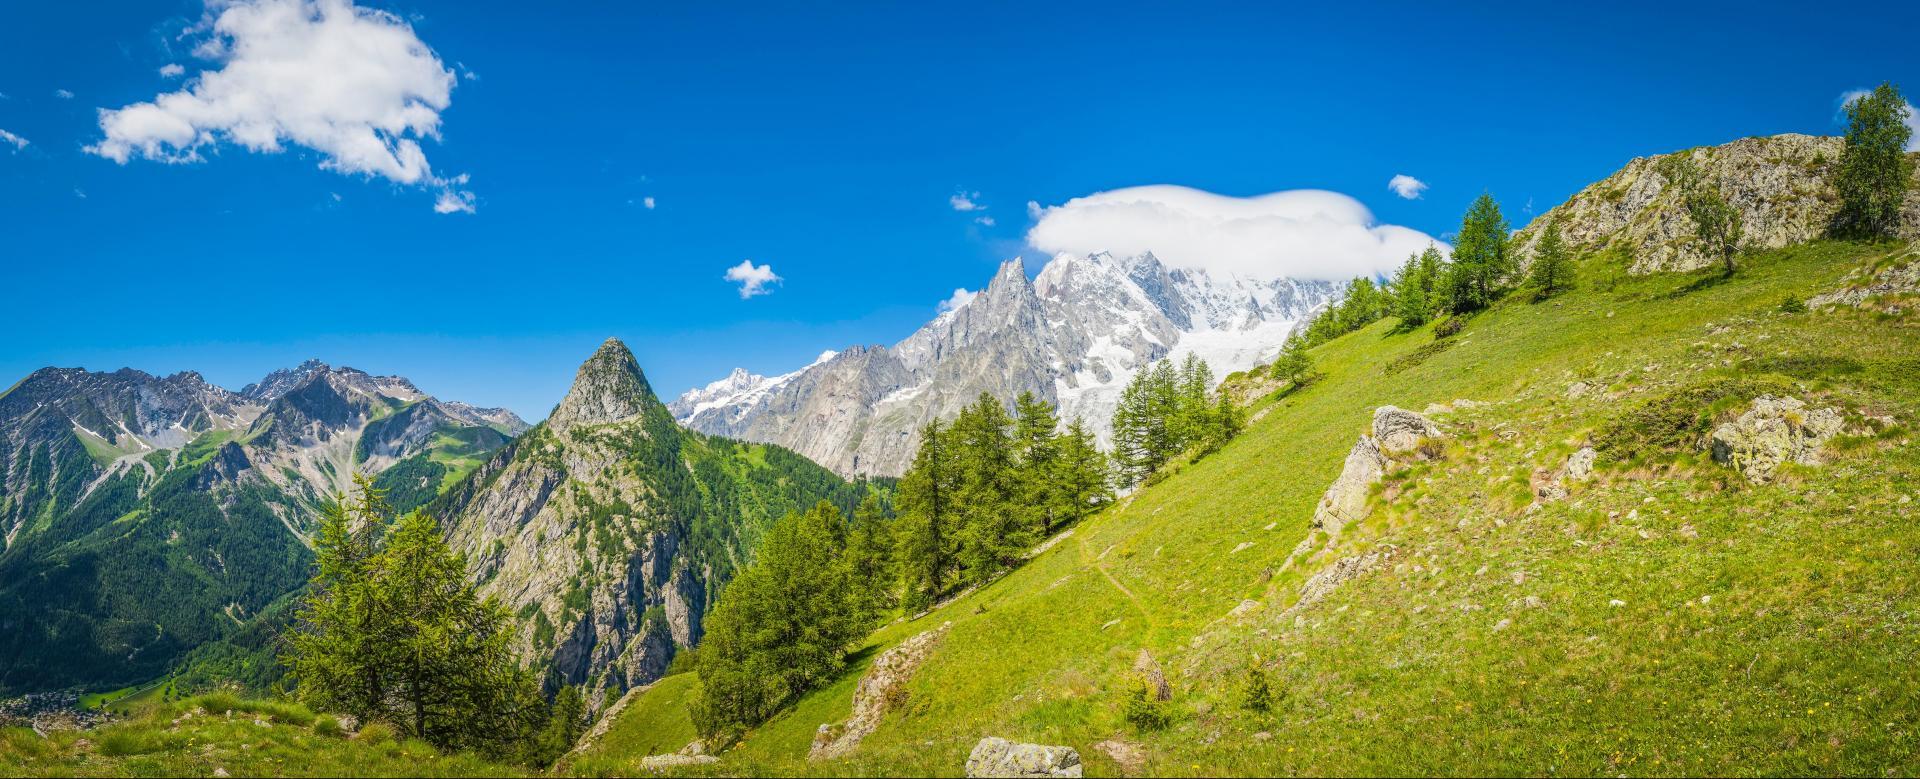 Voyage avec des animaux France : Le tour du mont-blanc avec une mule